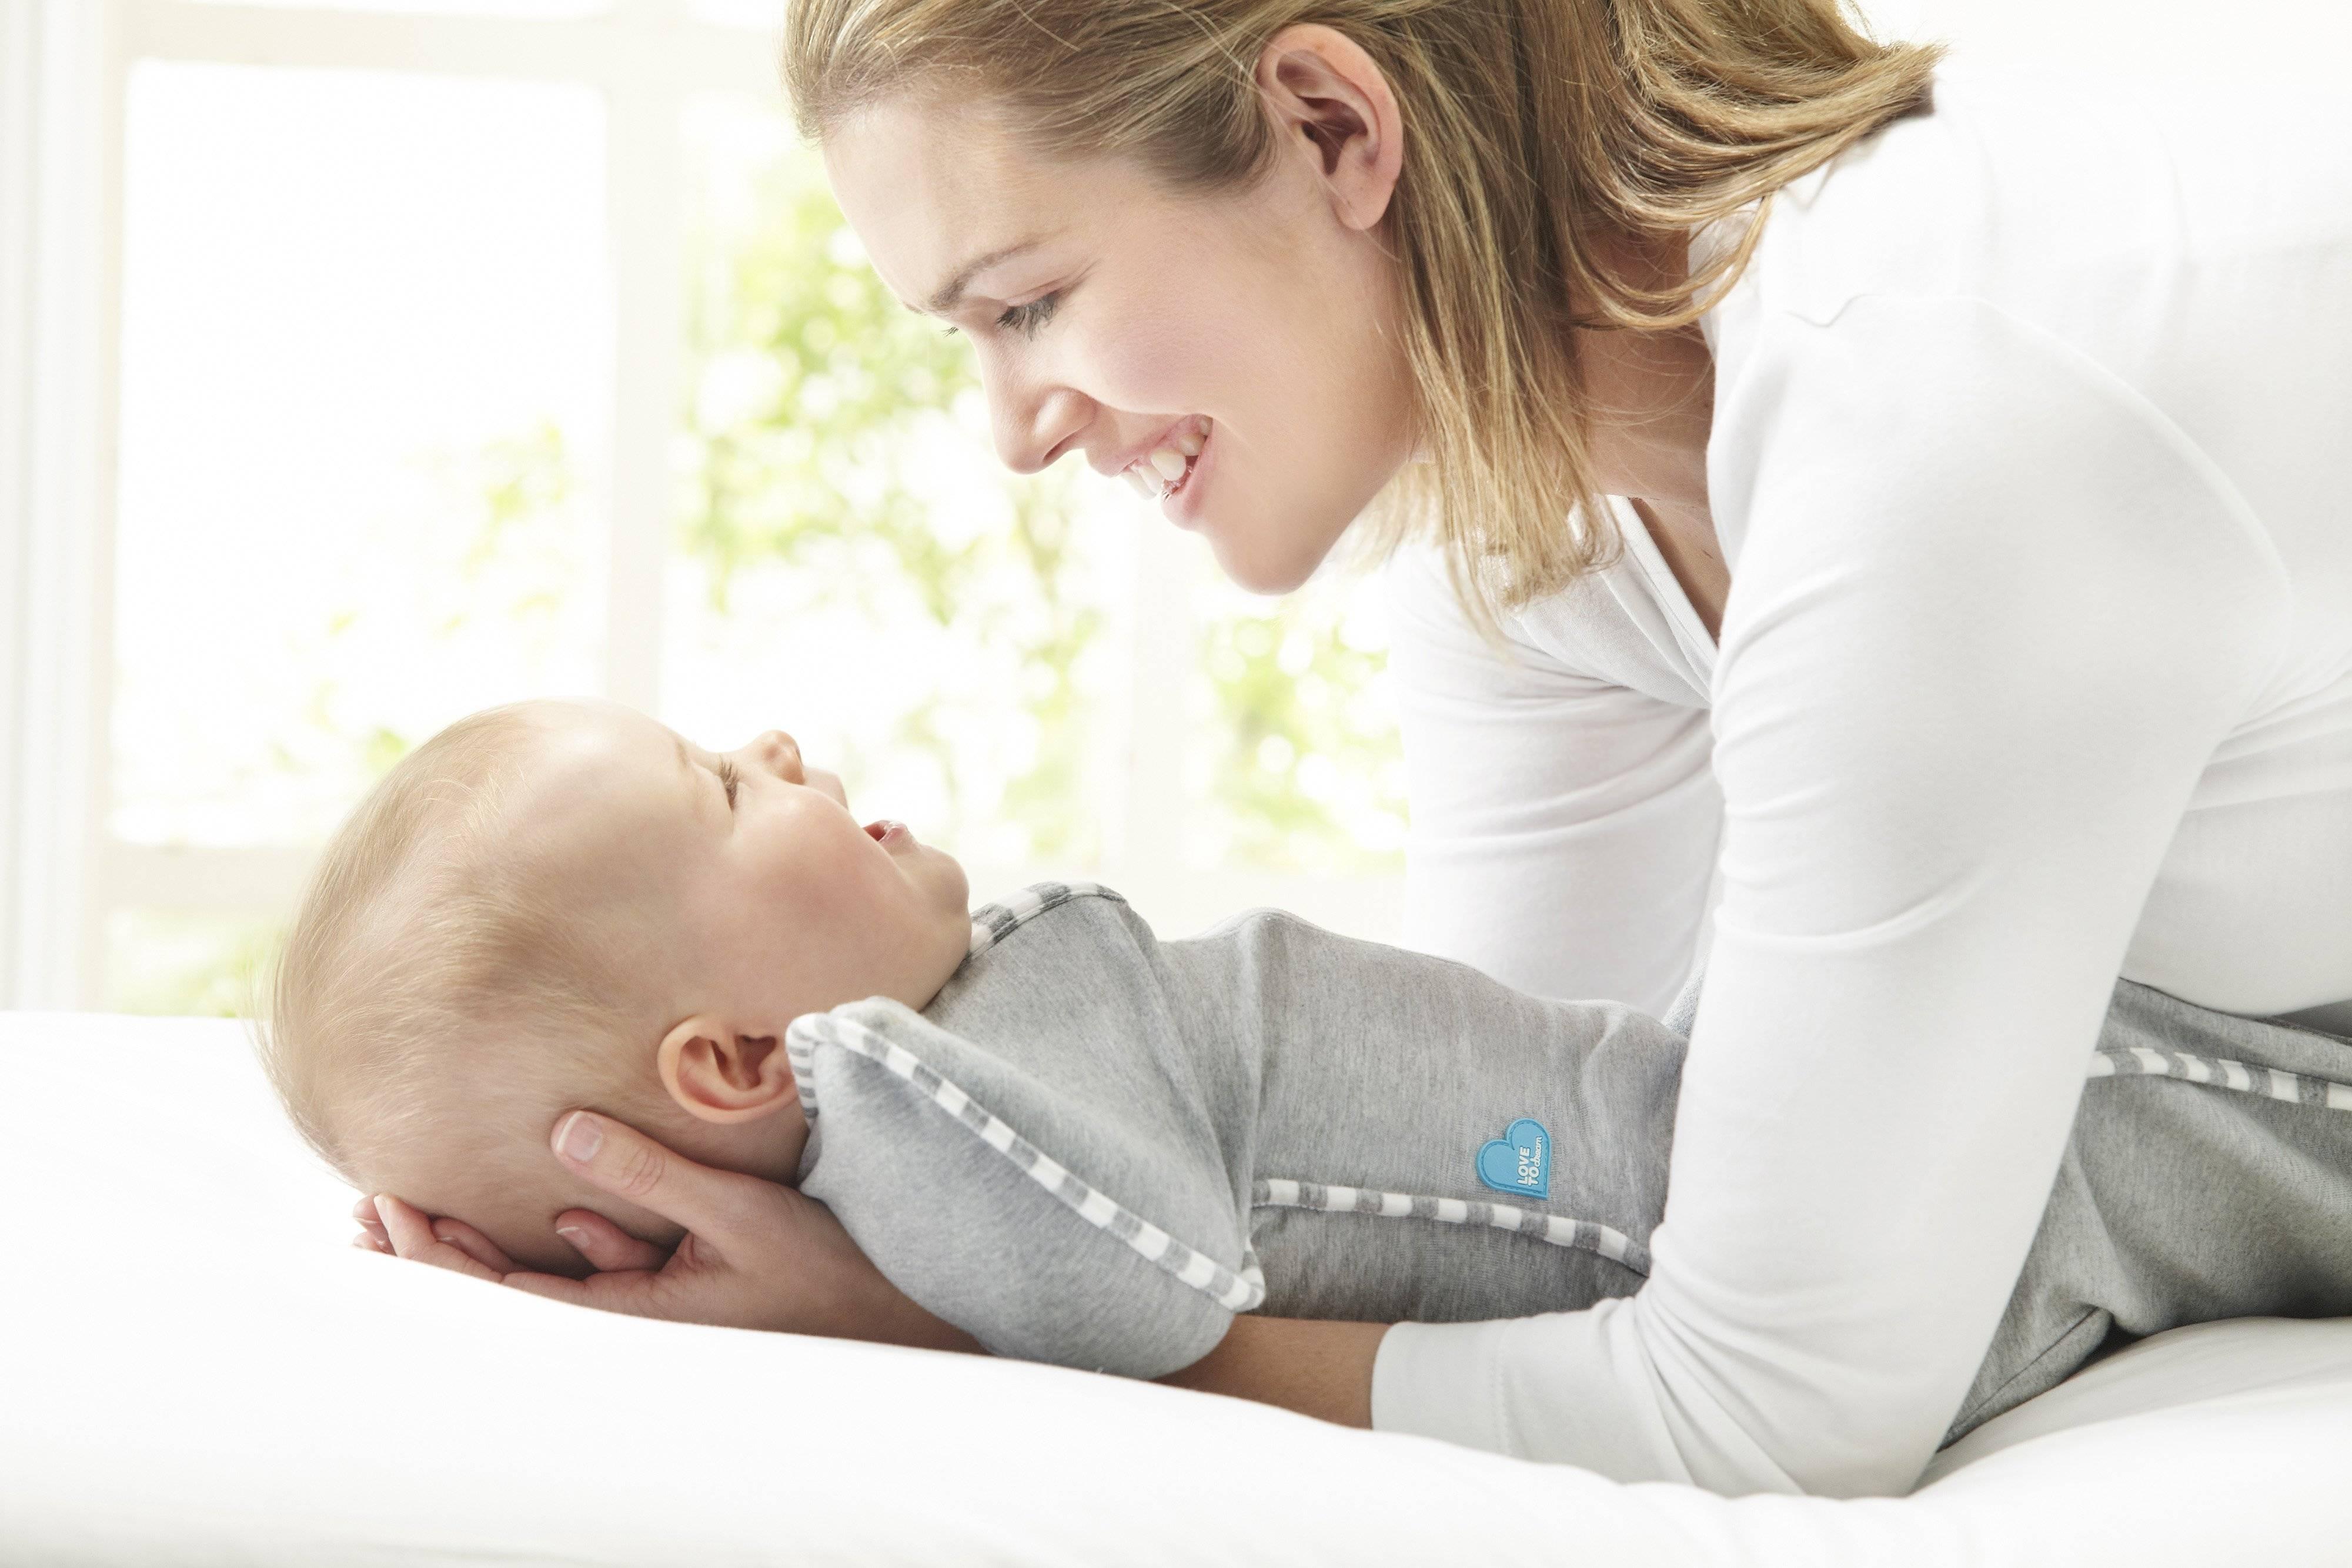 Сопли у грудничка: почему появляются, норма и патология, симптомы, как лечить